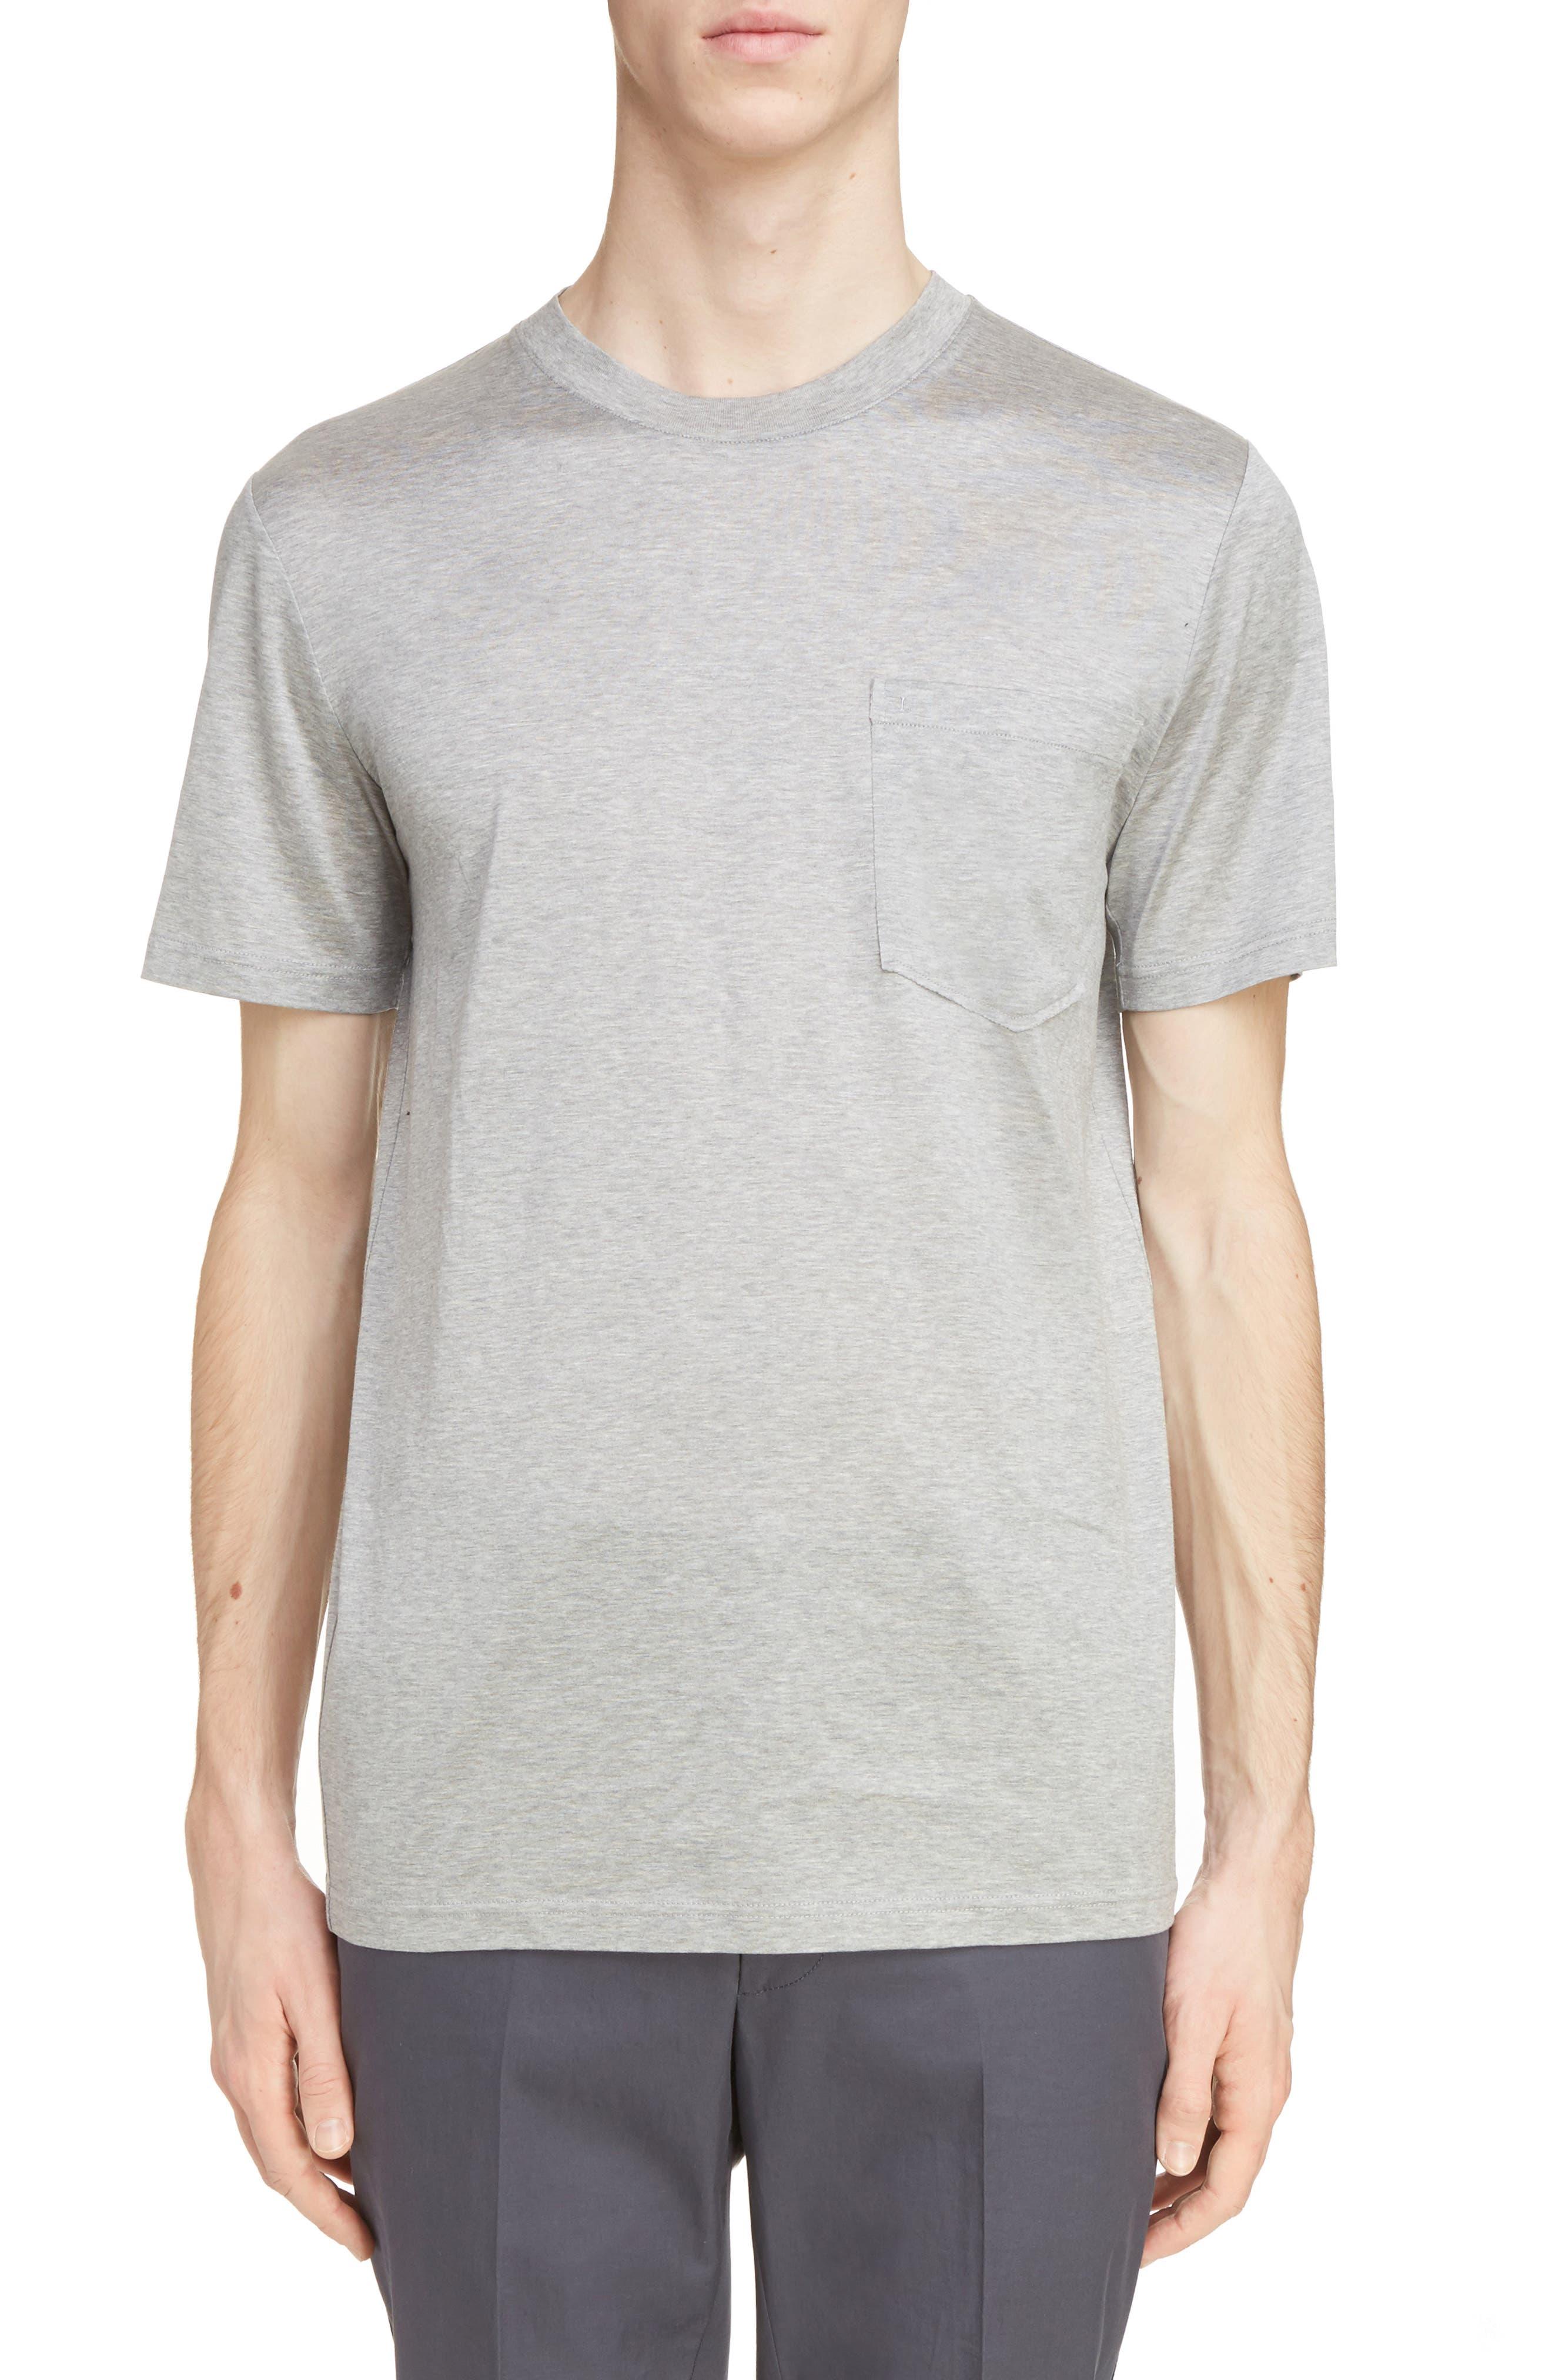 L Pocket T-Shirt,                         Main,                         color, Grey